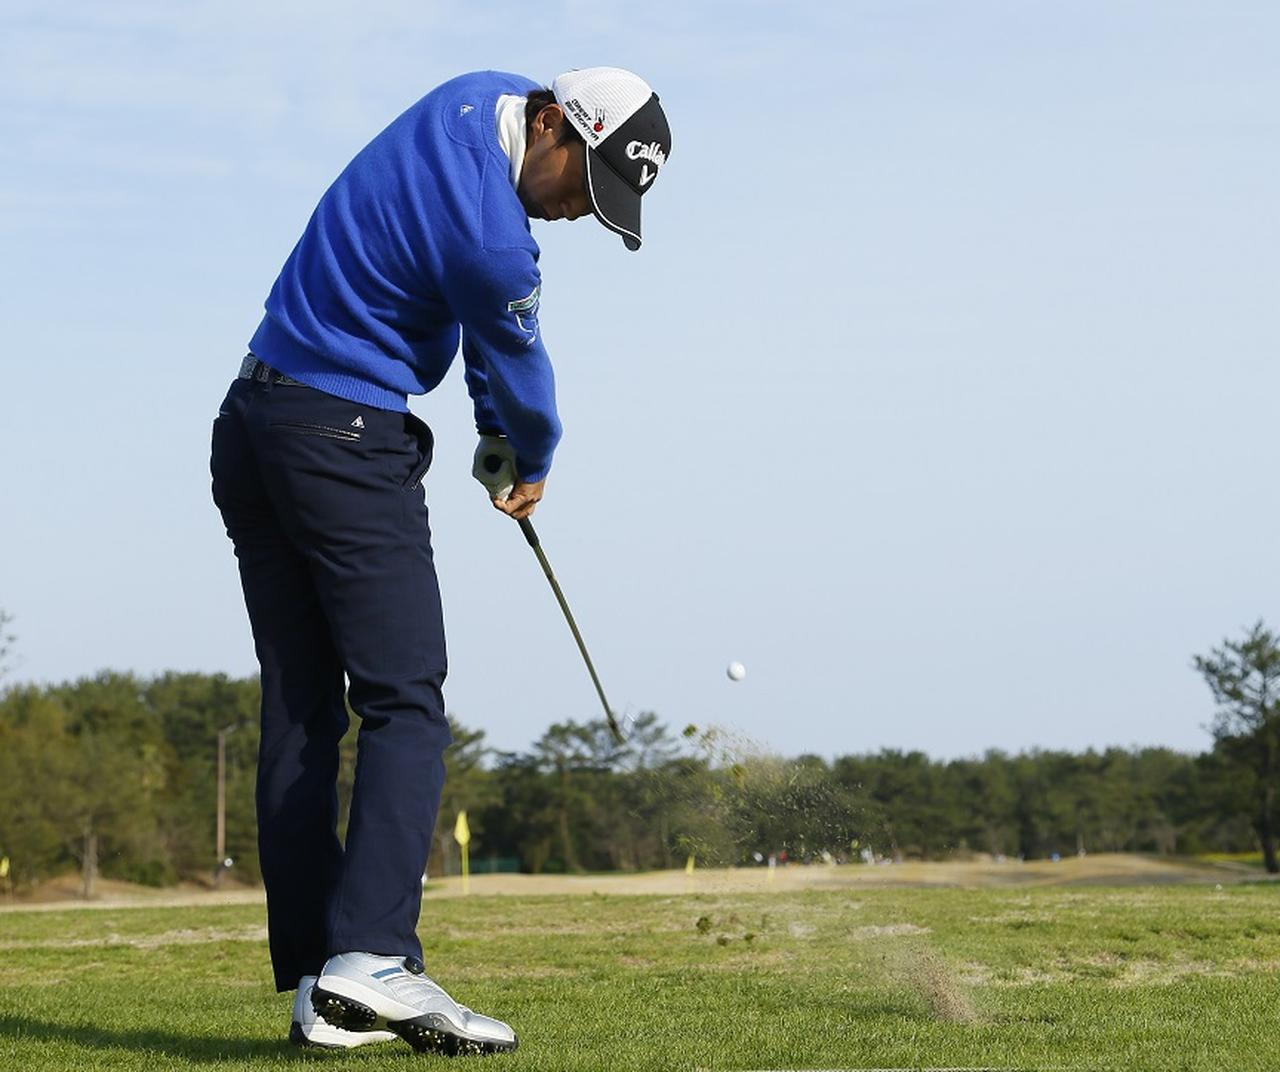 画像: 重永亜斗夢の逆風に負けないアイアン「3つのコツ」 - みんなのゴルフダイジェスト